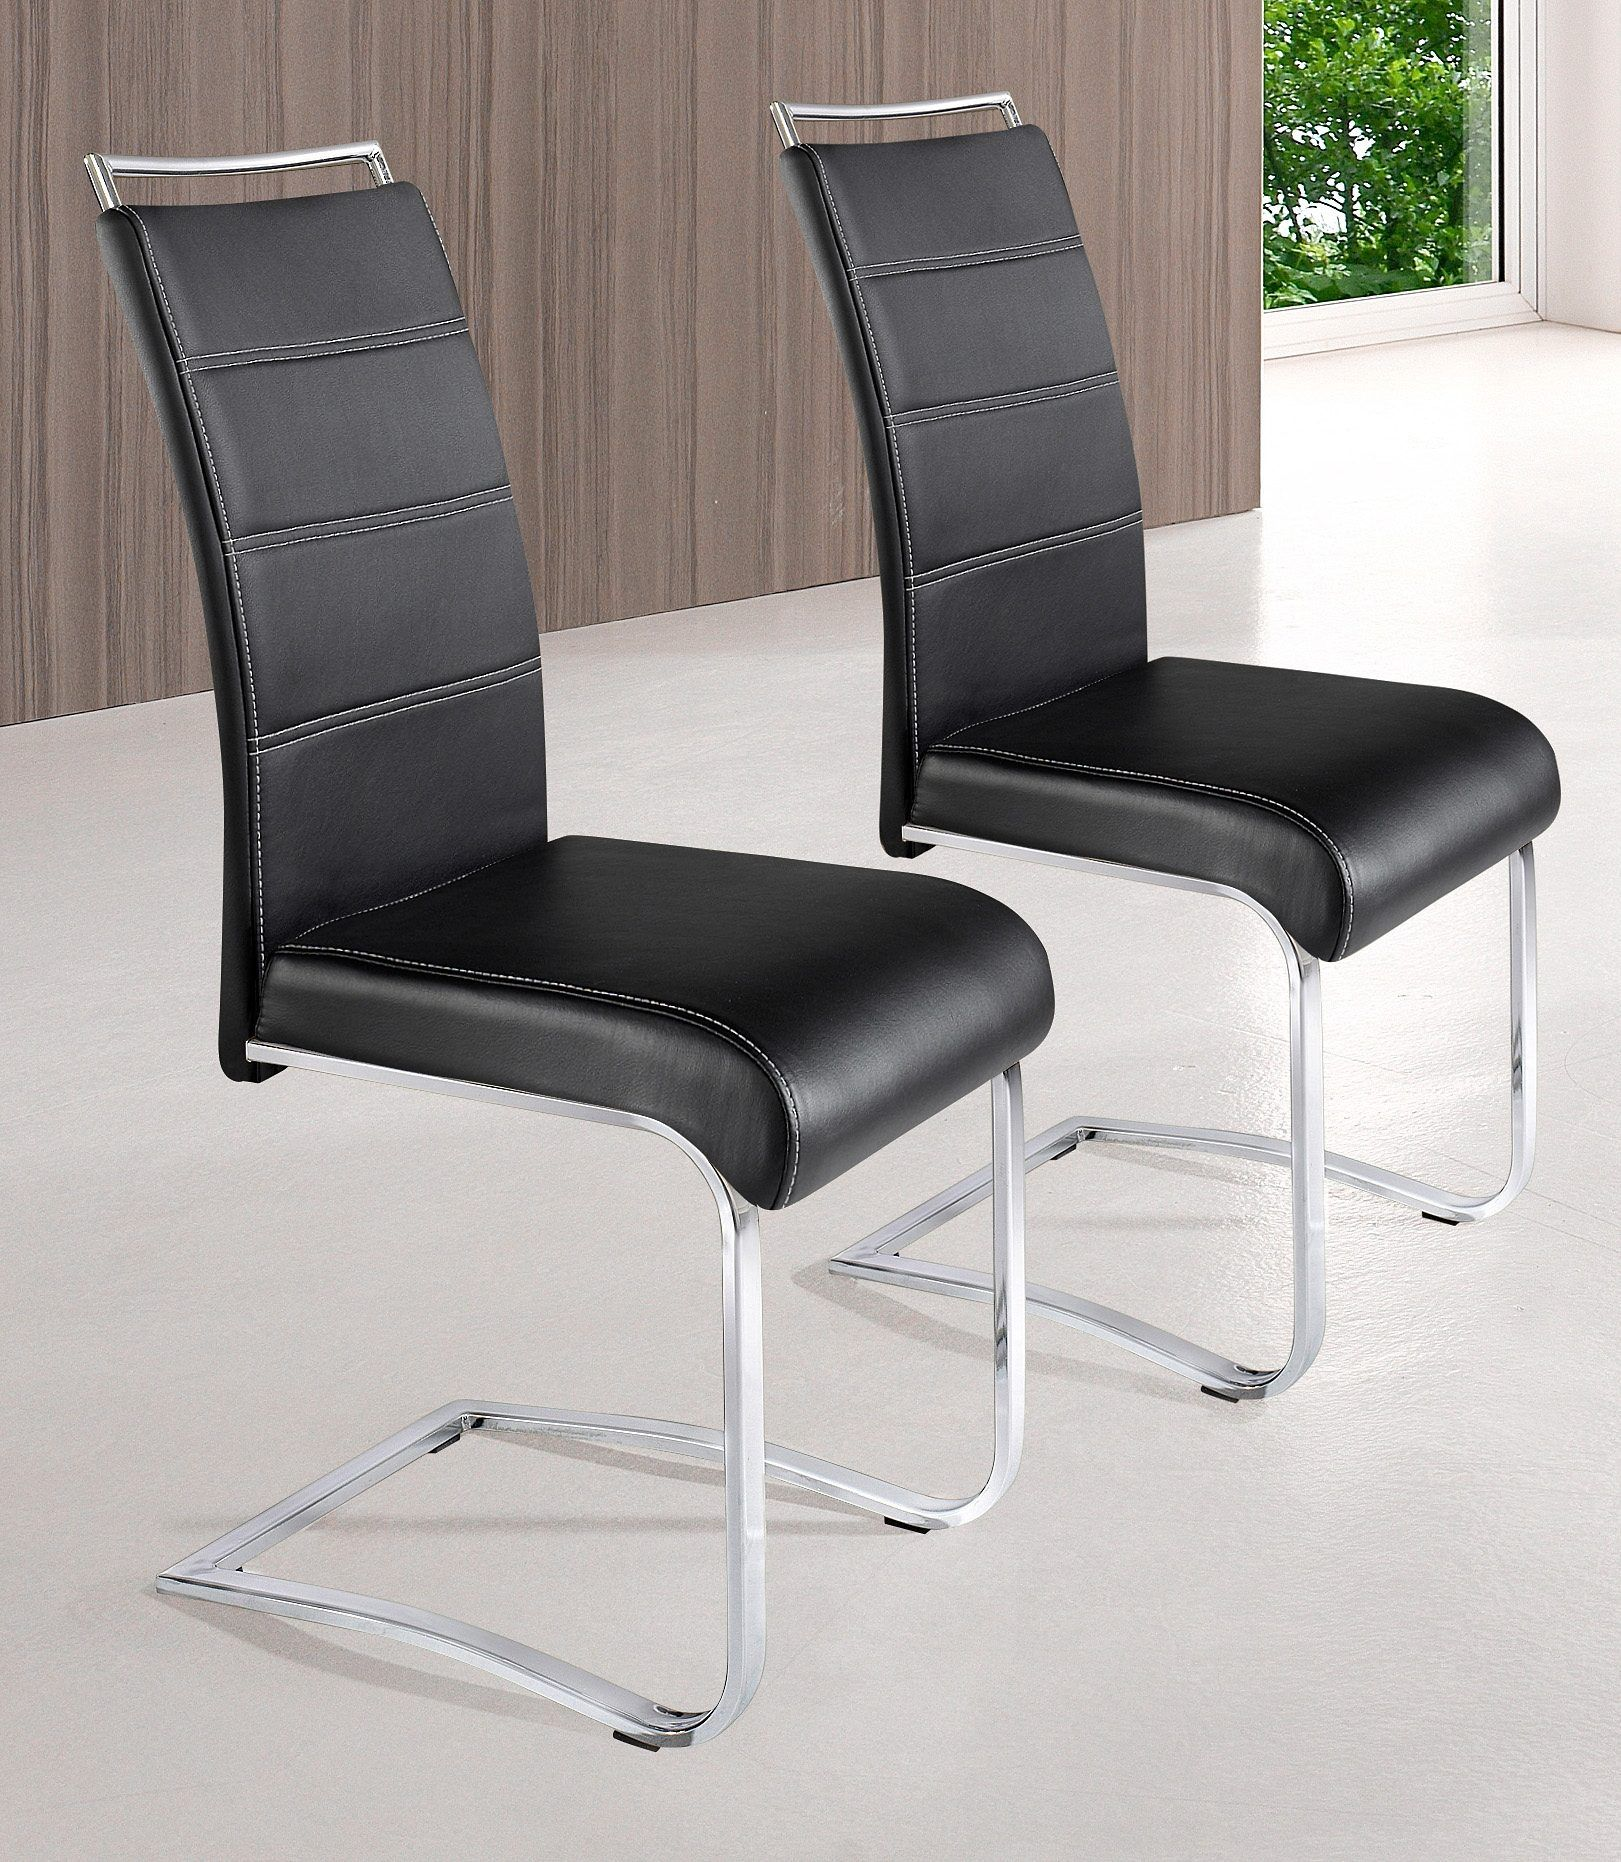 Stühle (2 Stck.) schwarz, Gestell Schwinger Flachrohr chrom ...